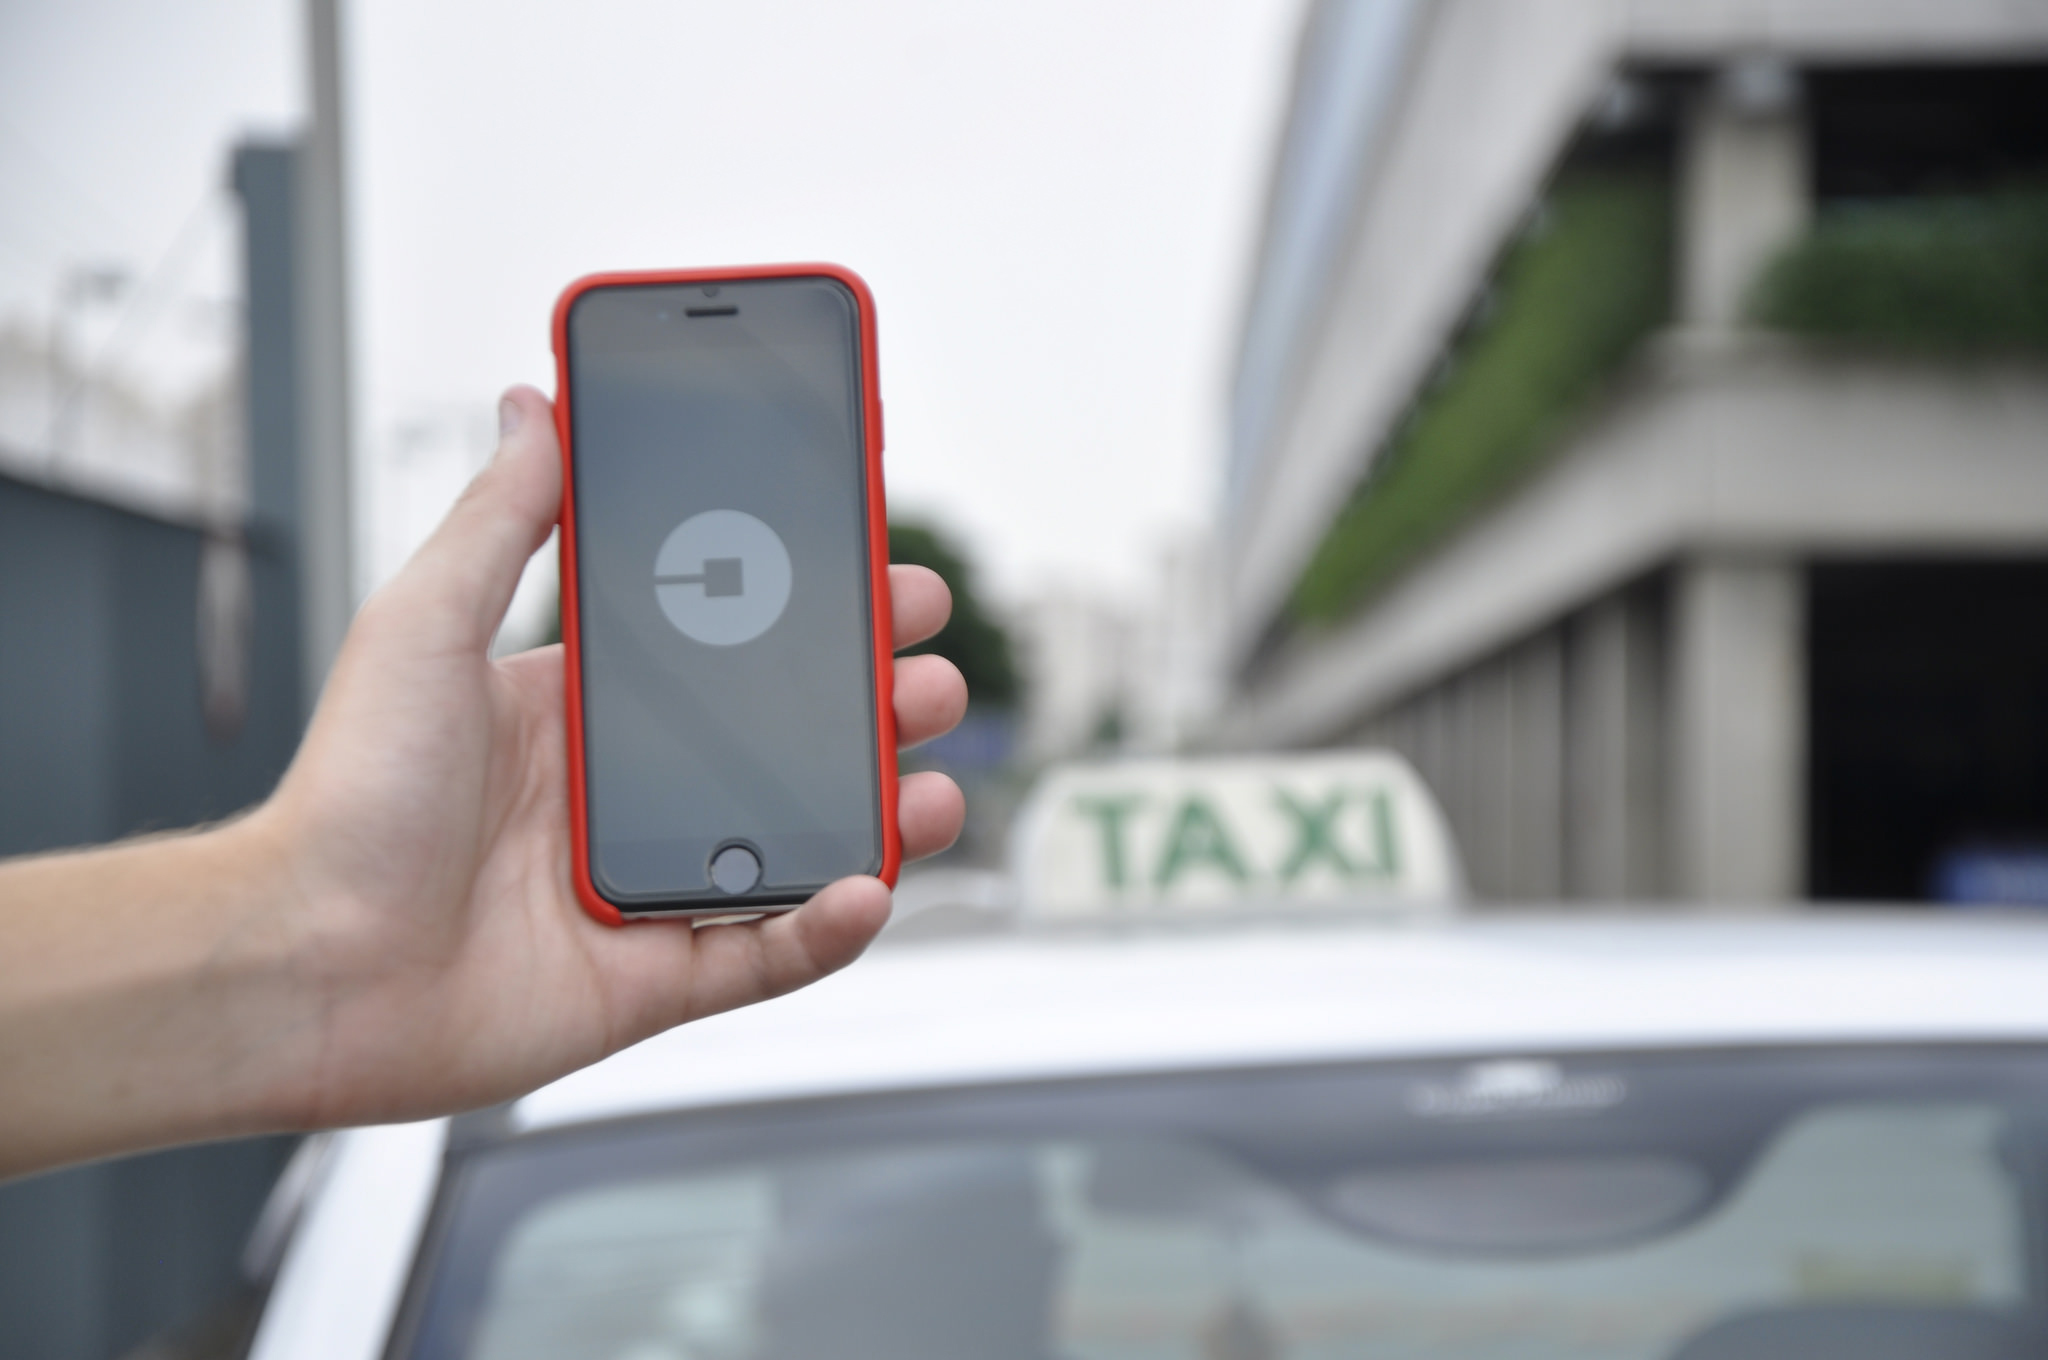 配車サービスUber、2月10日より台湾でのサービス休止を決定